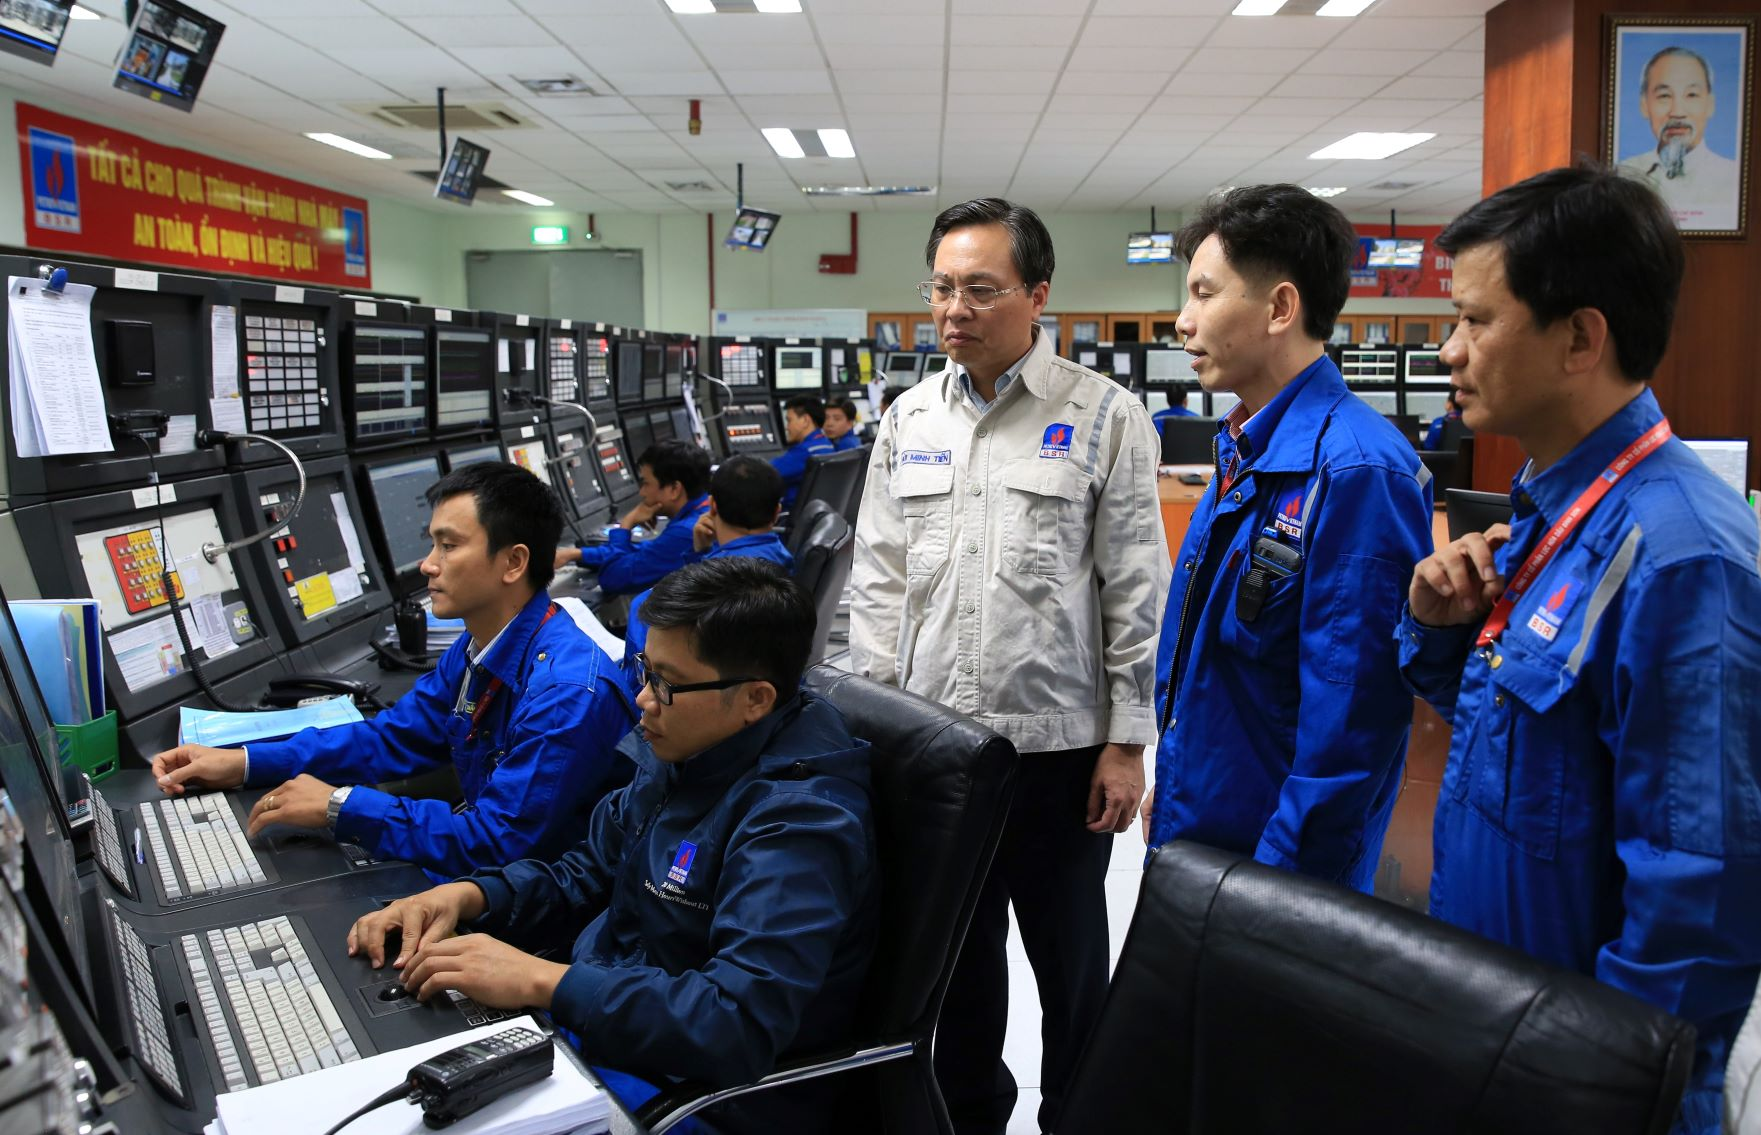 Lọc hóa dầu Bình Sơn đạt doanh thu gần 74 nghìn tỷ đồng sau 9 tháng